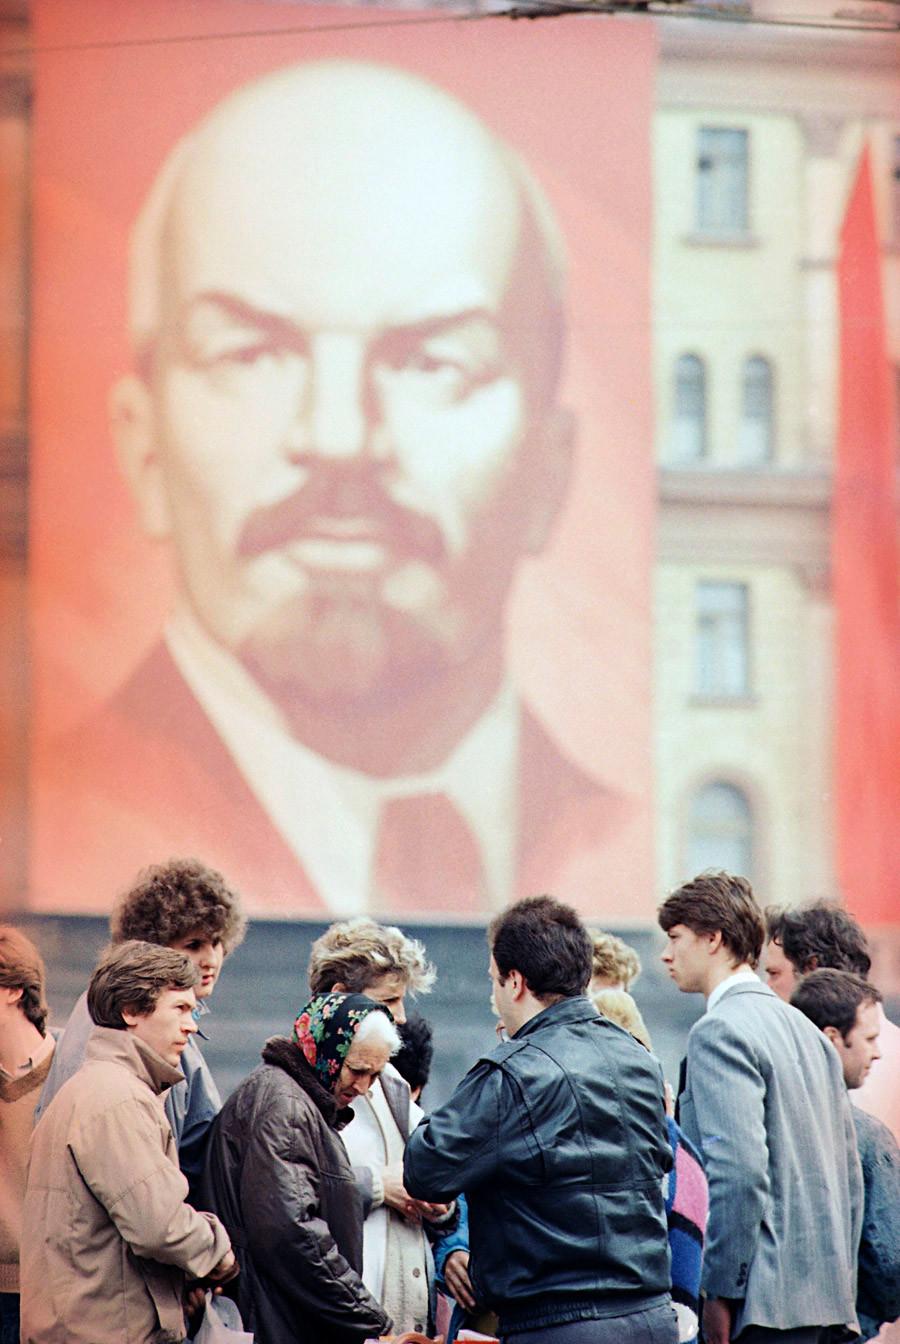 """Совјетски купци игноришу џиновски Лењинов портрет док """"на црно"""" купују америчке жвакаће гуме у Москви. Уторак, 30. април 1991, уочи првомајских празника."""